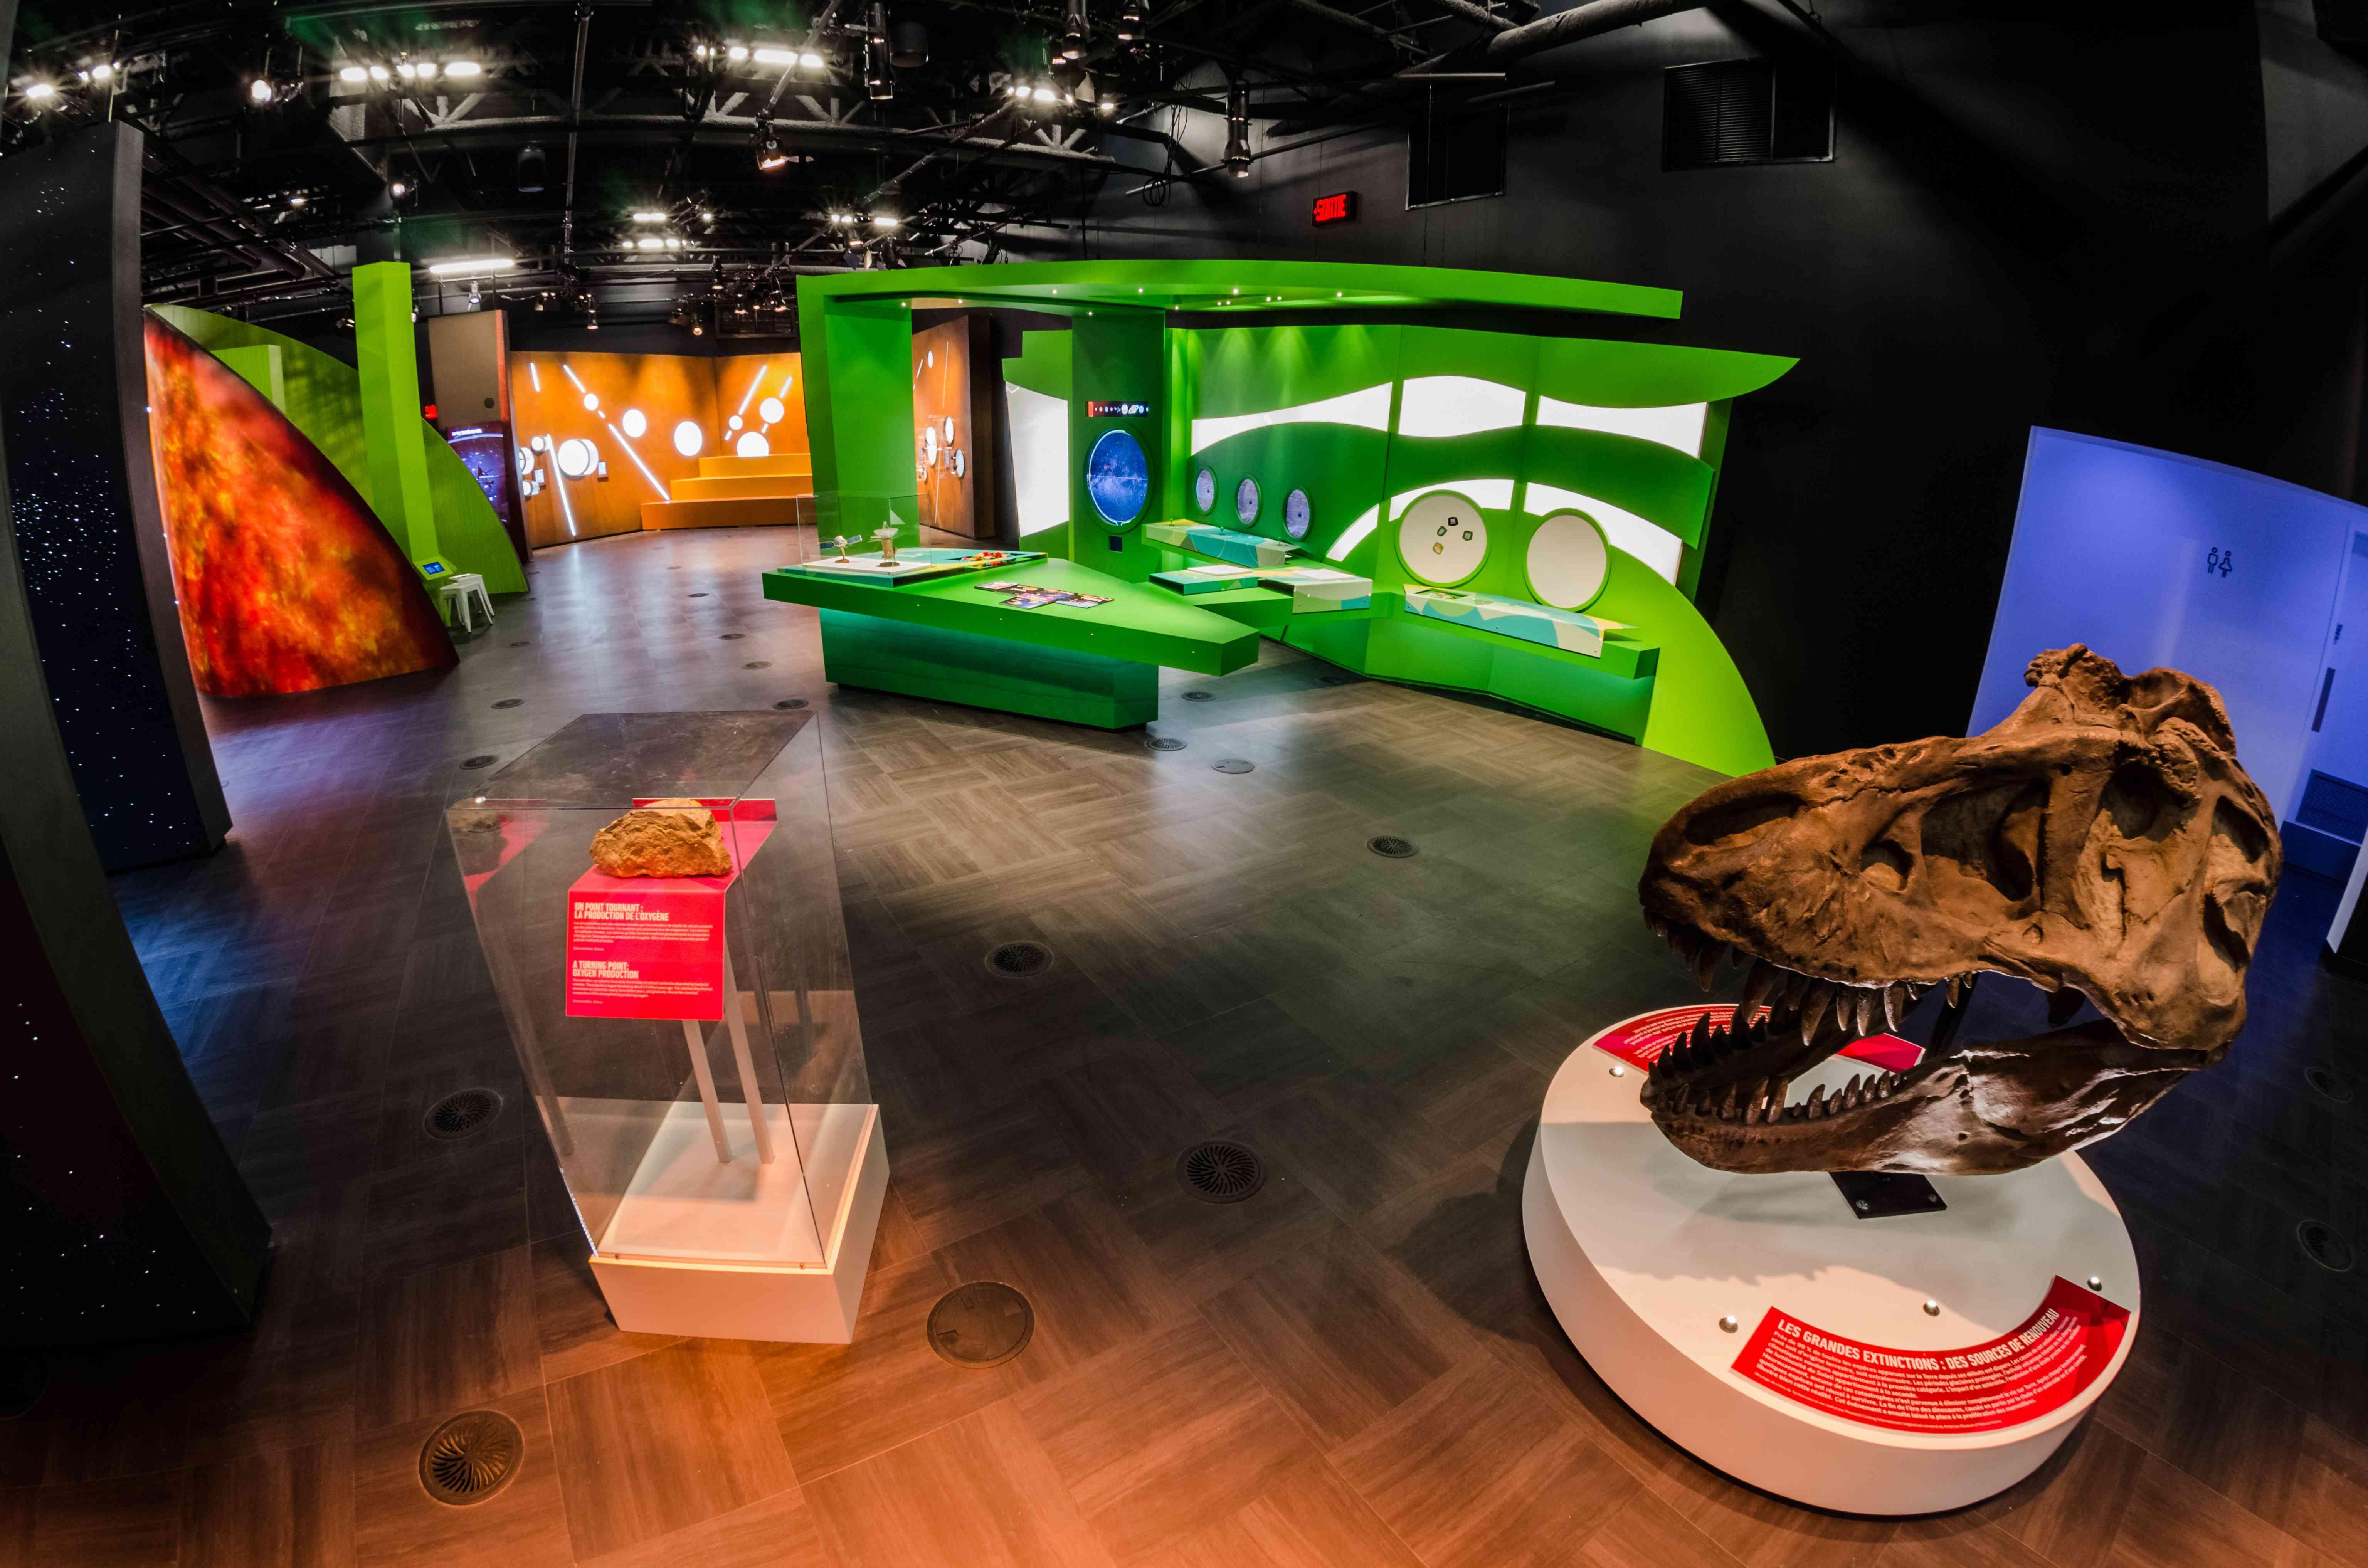 Exhibits in the Planetarium